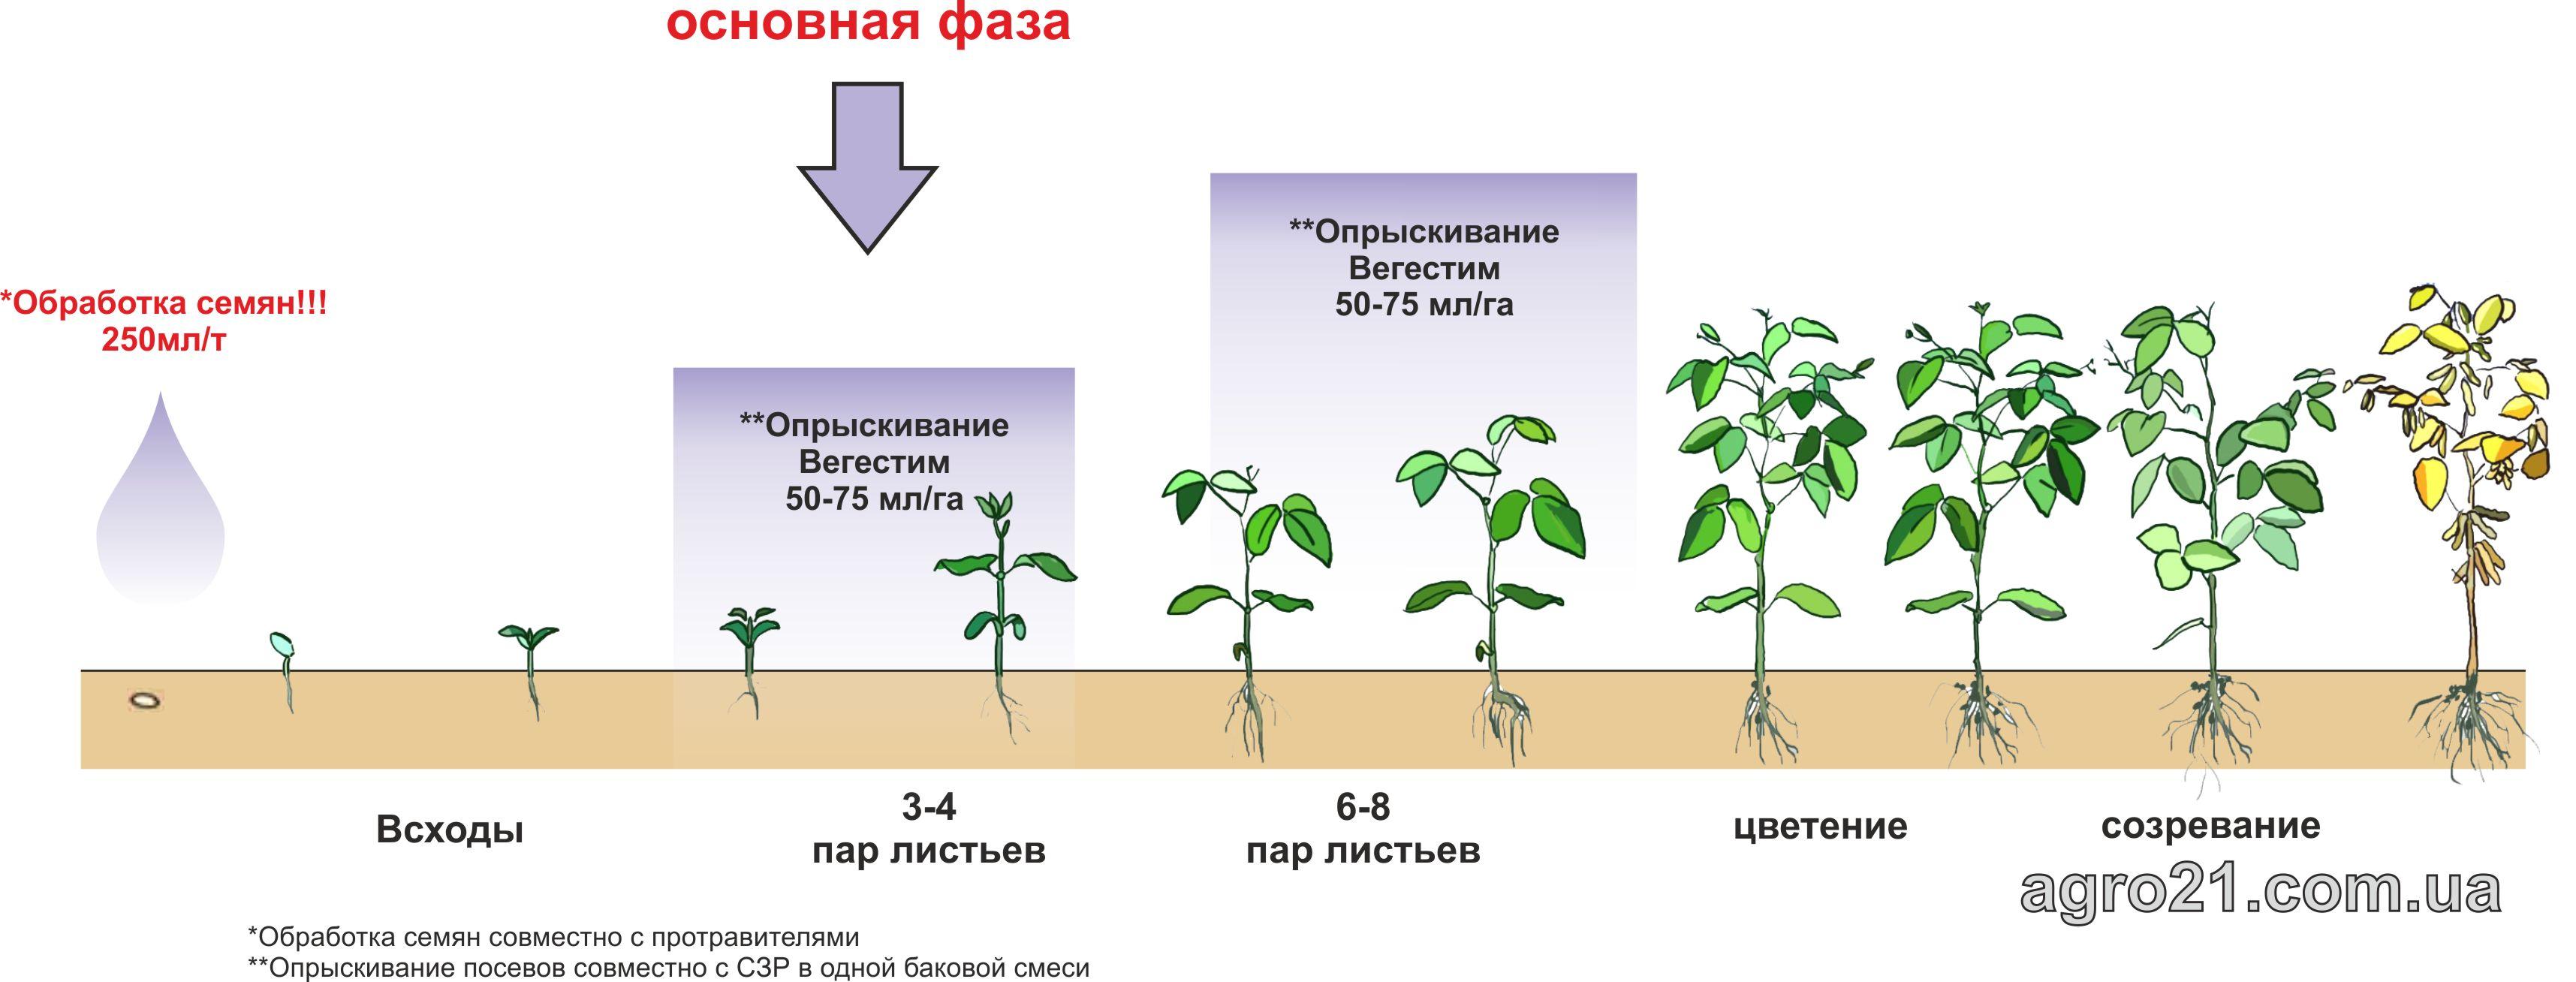 Вегестим. Схема применения стимулятора роста растений на посевах Сои